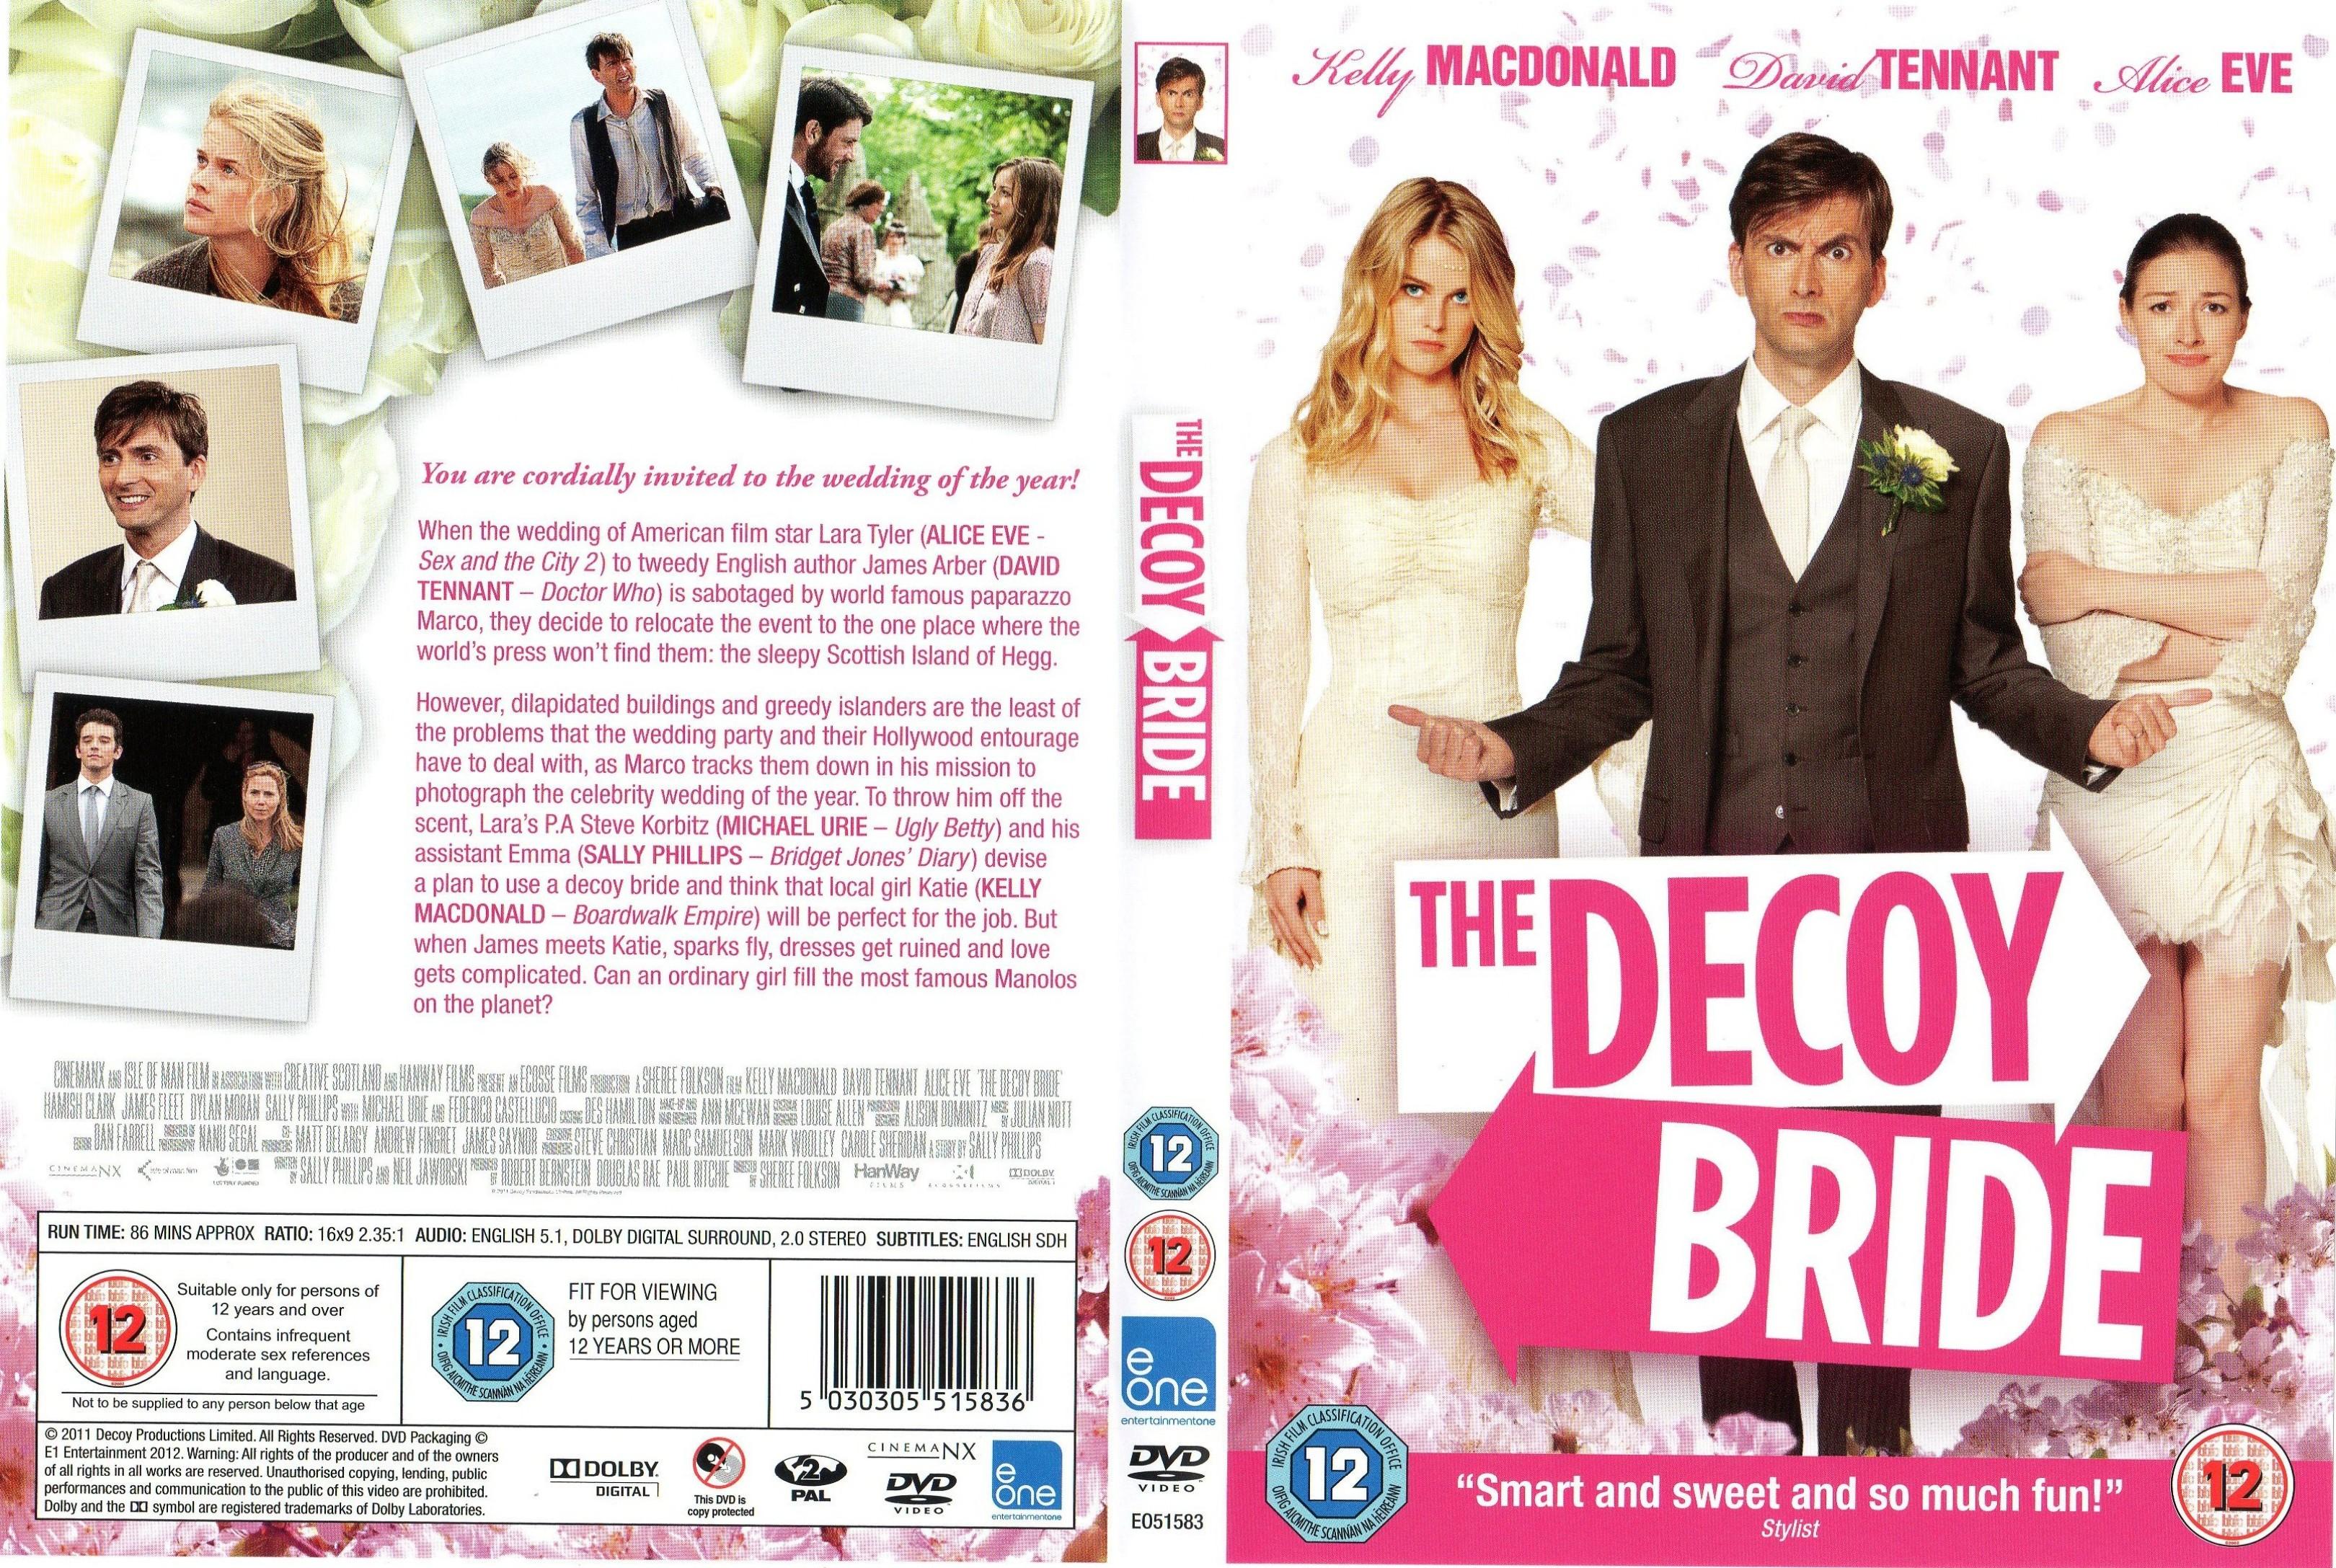 wiki decoy bride movie